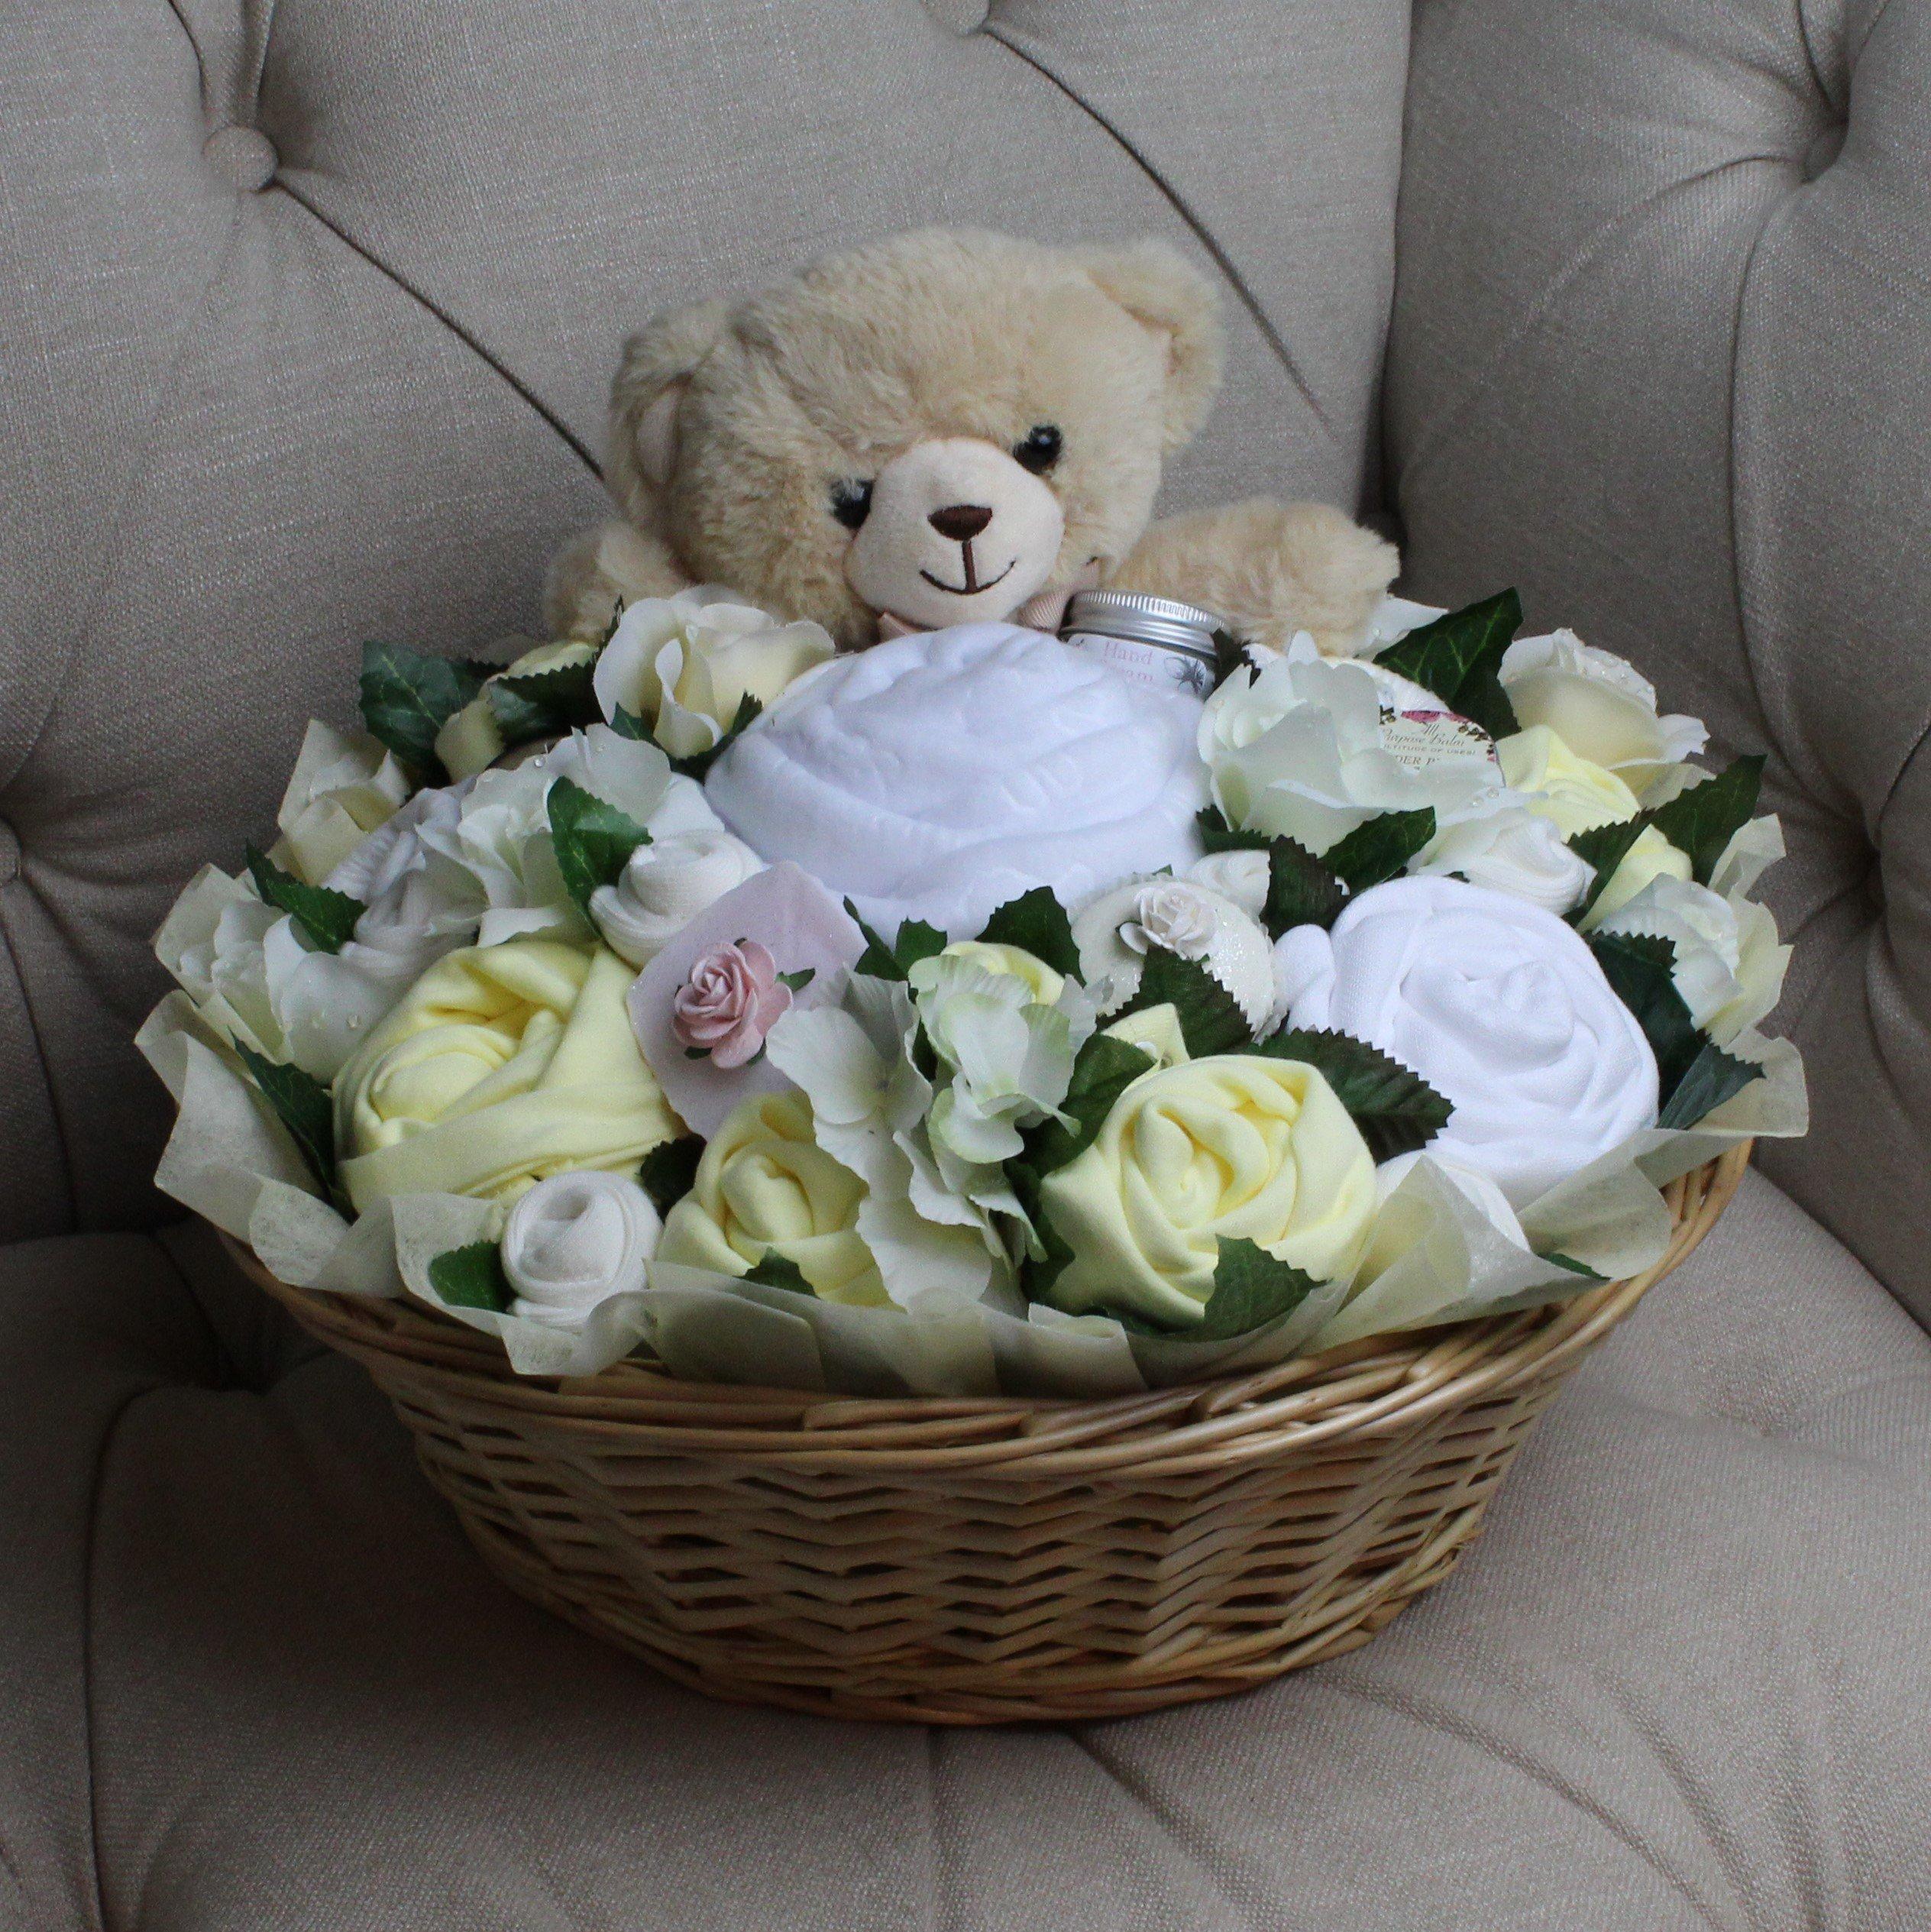 Luxurious Pampering Bouquet Lemon - Baby Clothes Bouquet